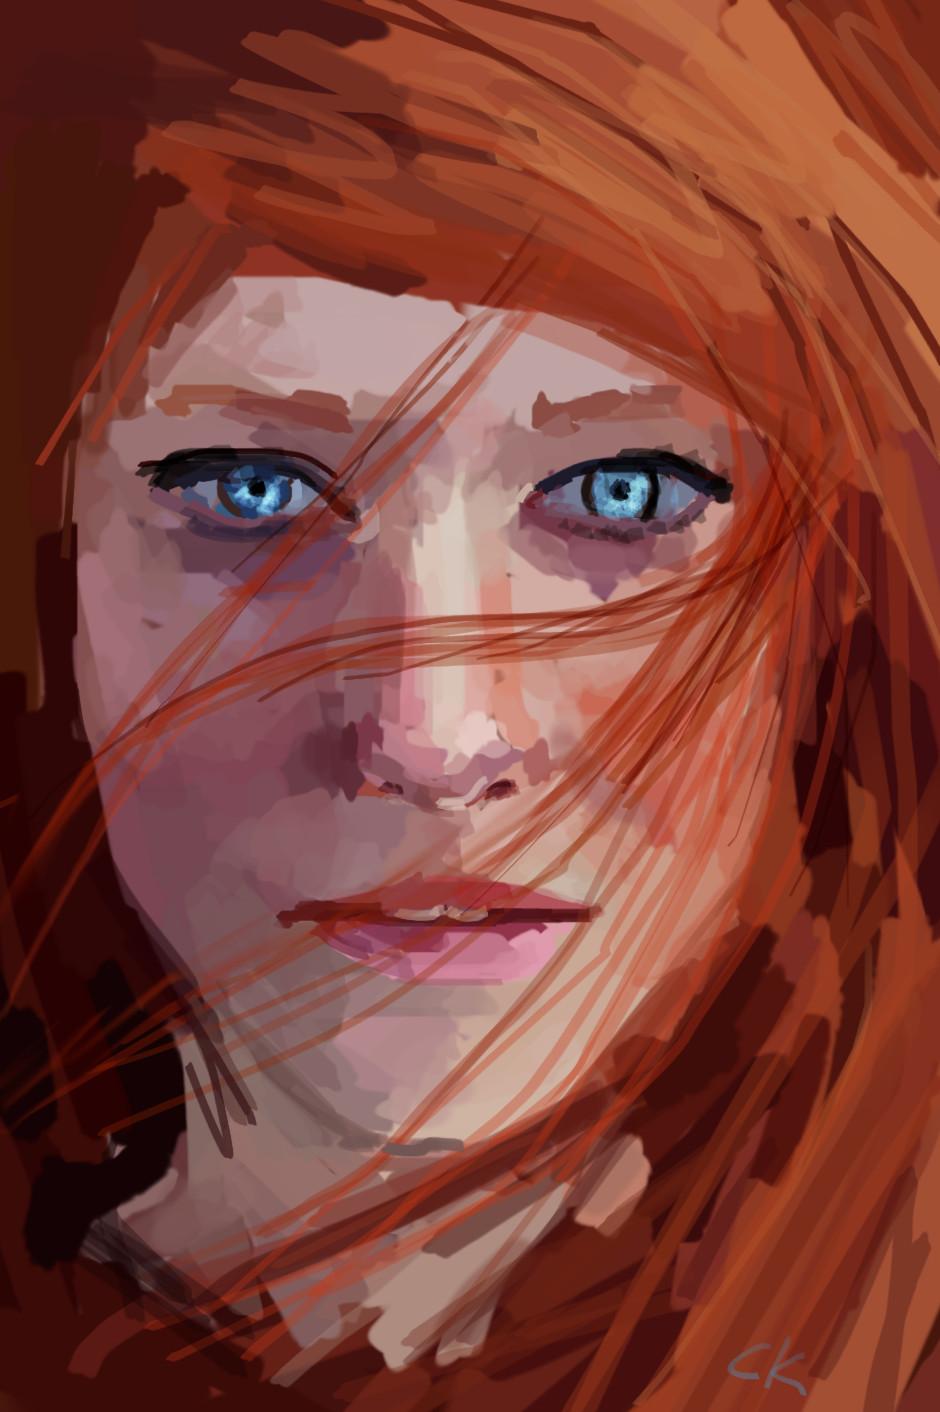 Digital art by Christian Kruger